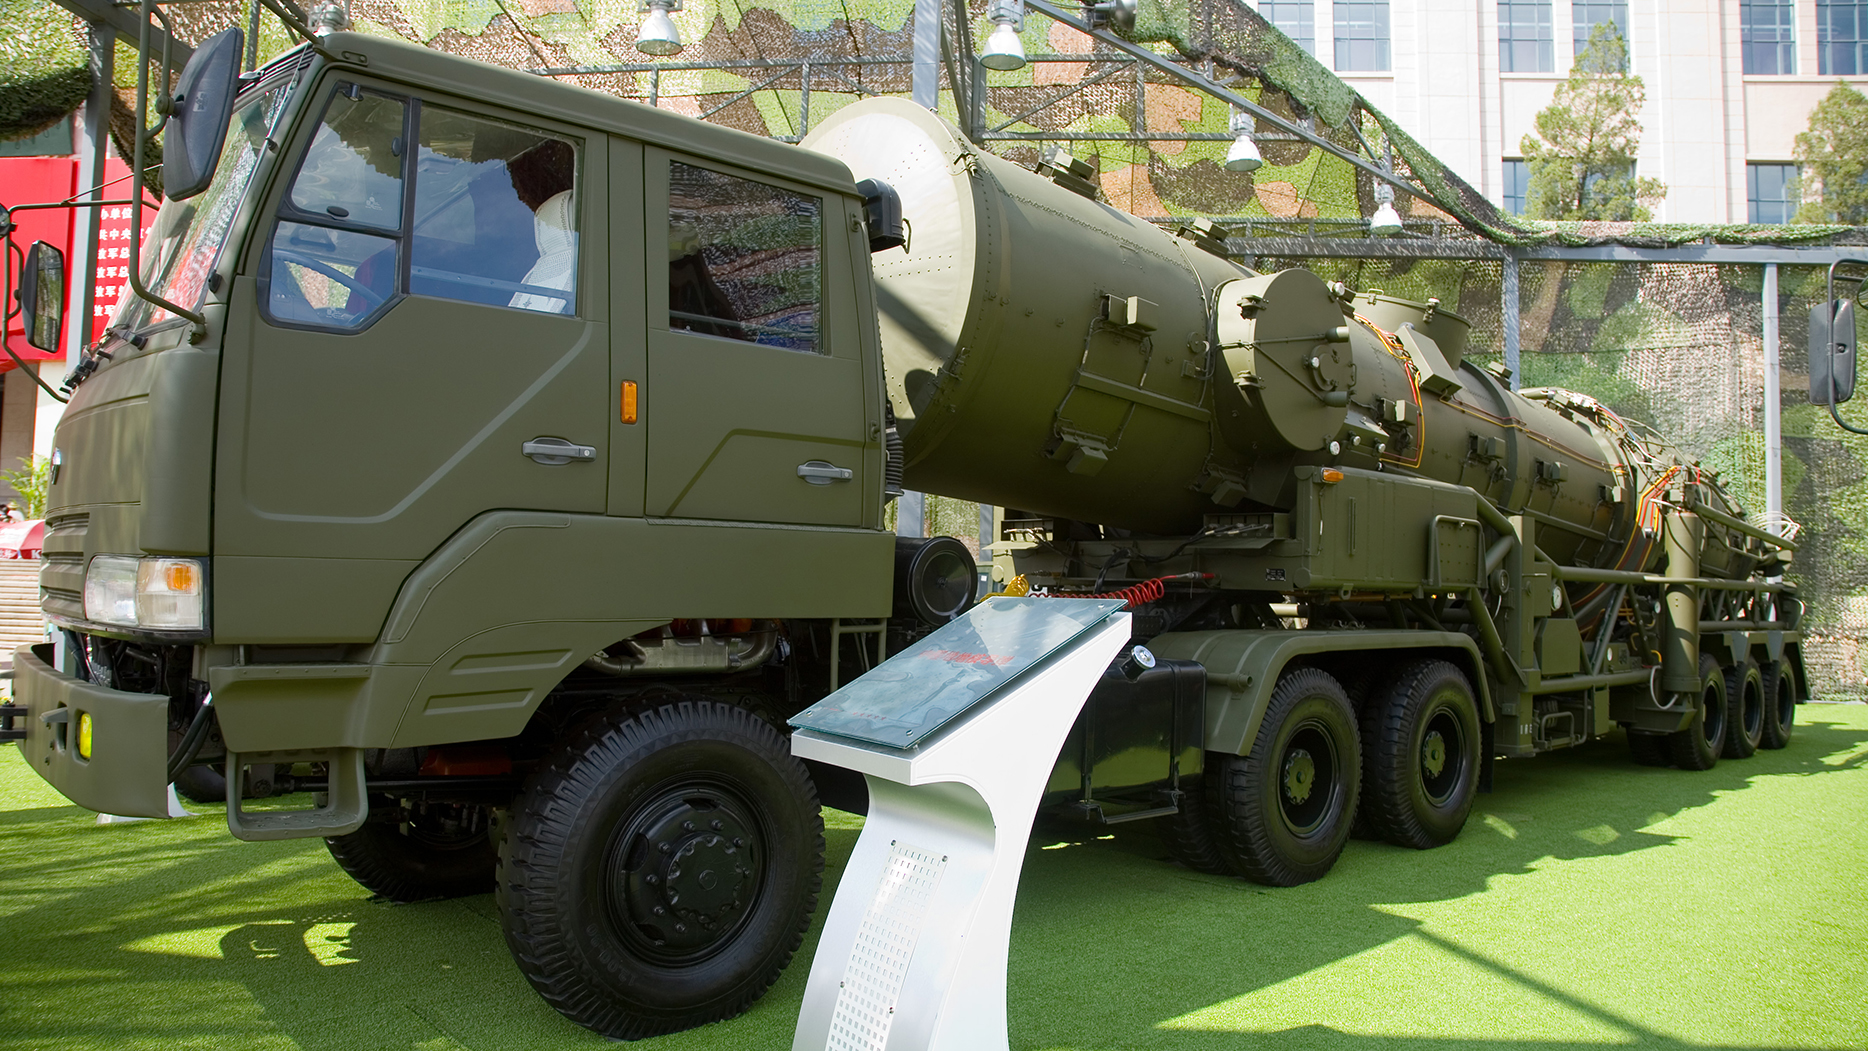 东风-21D反舰弹道导弹号称航母杀手,是解放军抗击美军介入台海的首选慑战武器。(维基百科)